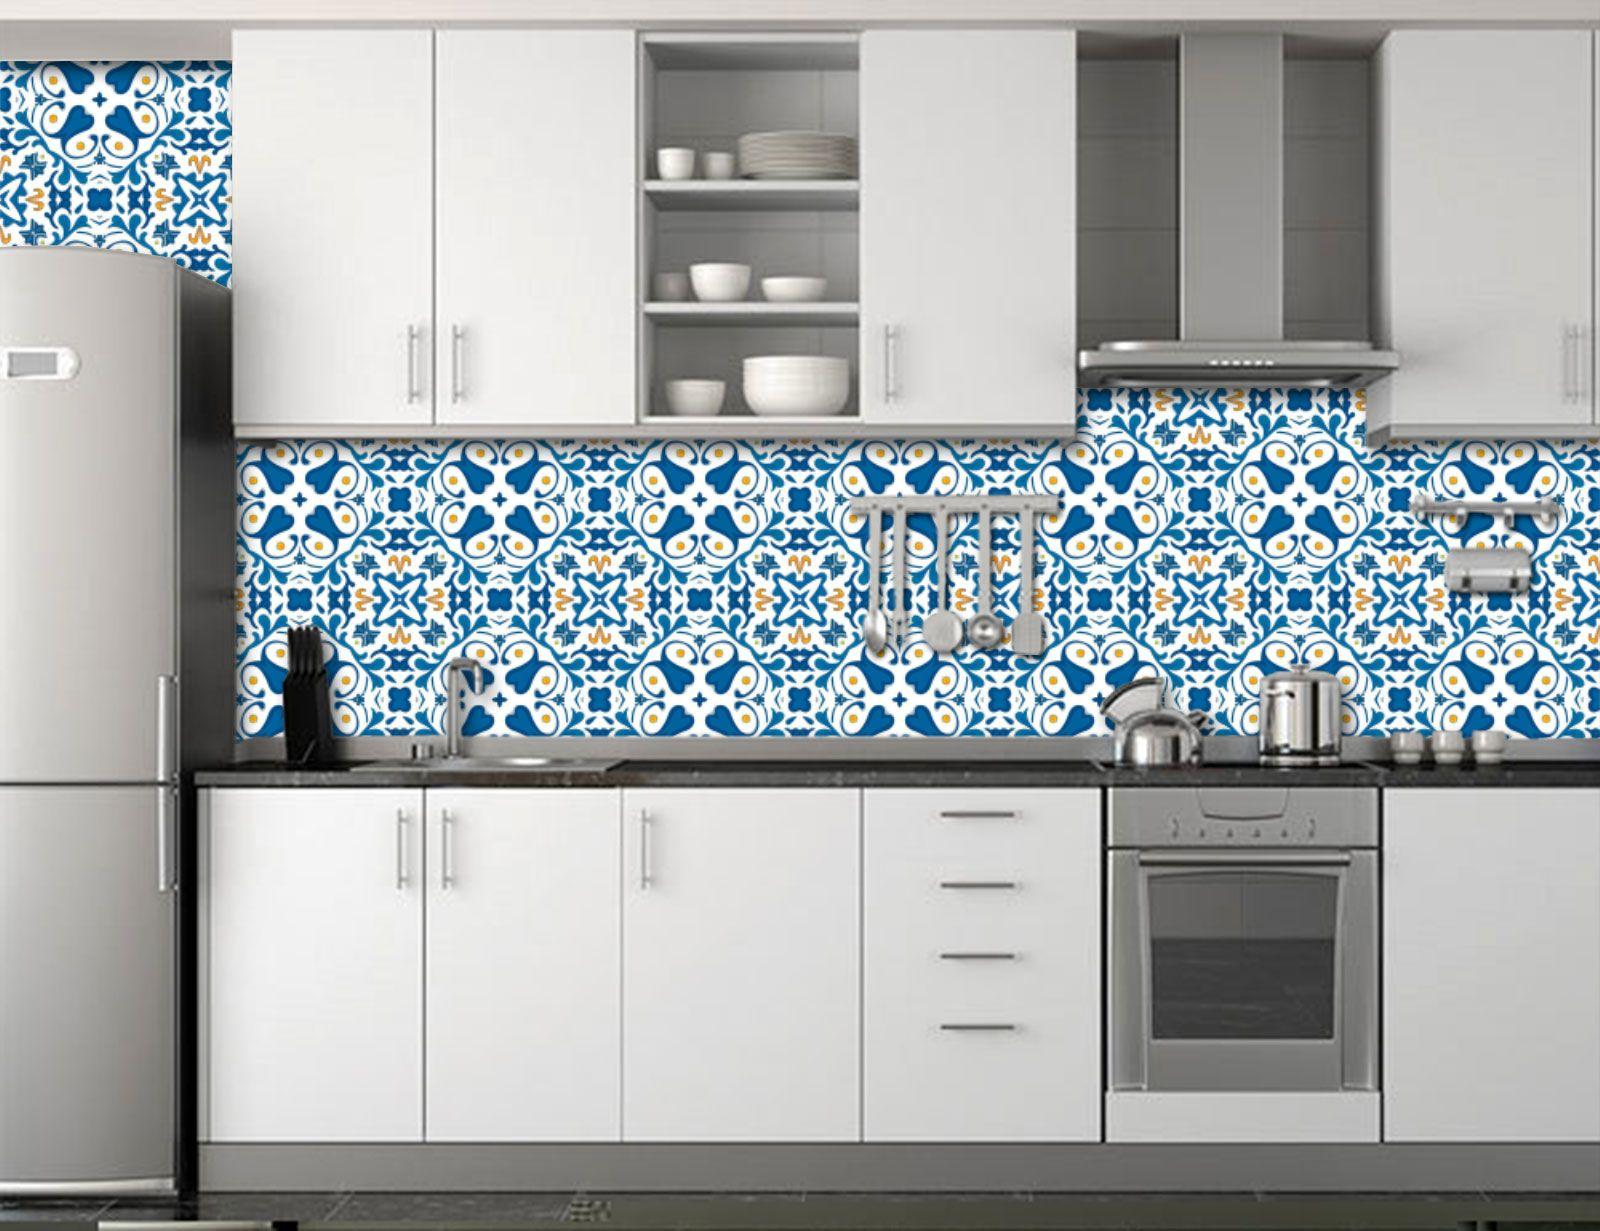 Papel de Parede para Cozinha Azulejos 0026 - Adesivos de Parede  - Paredes Decoradas